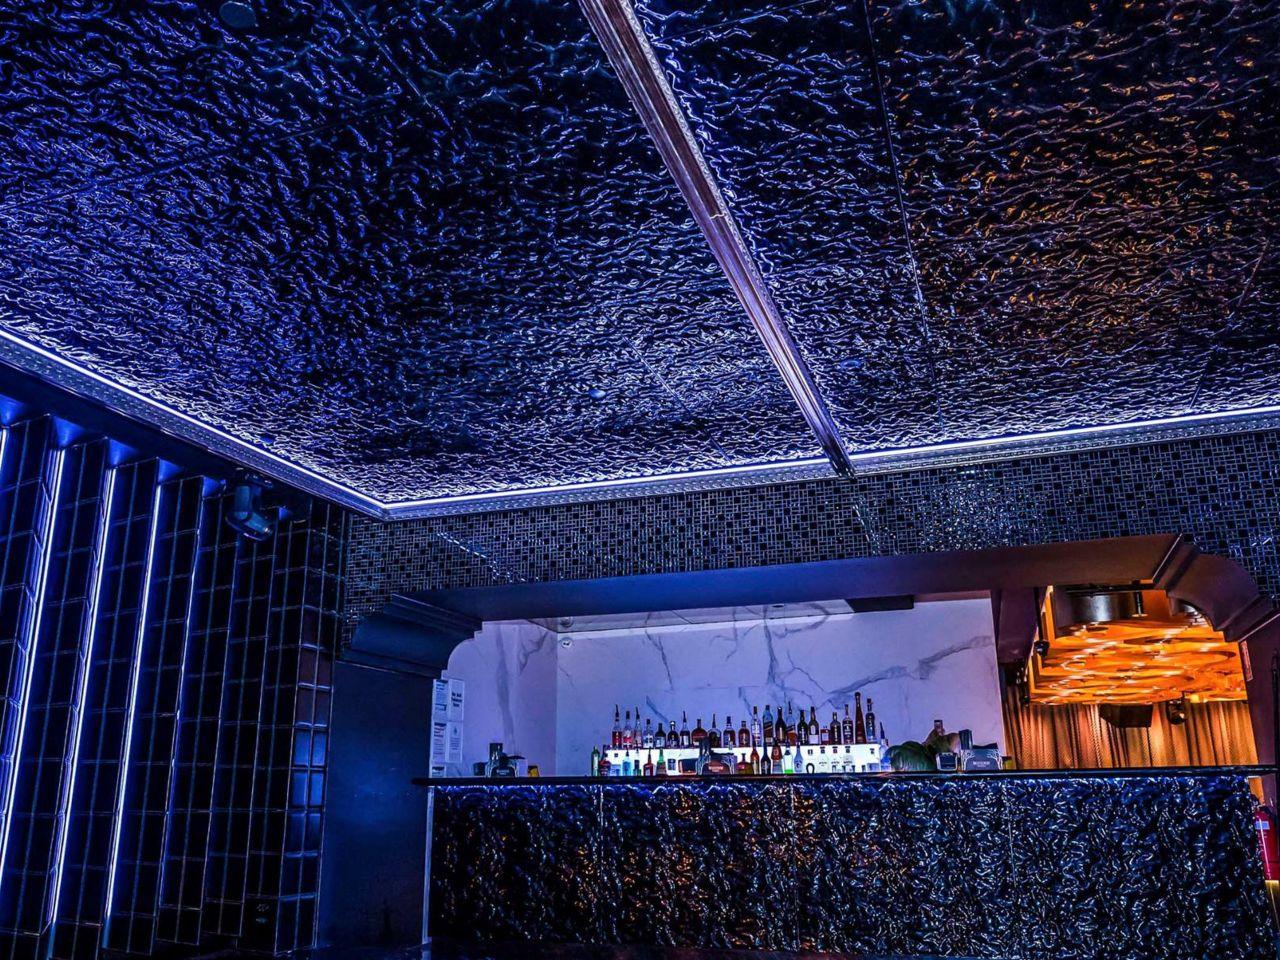 Trendy bar venue